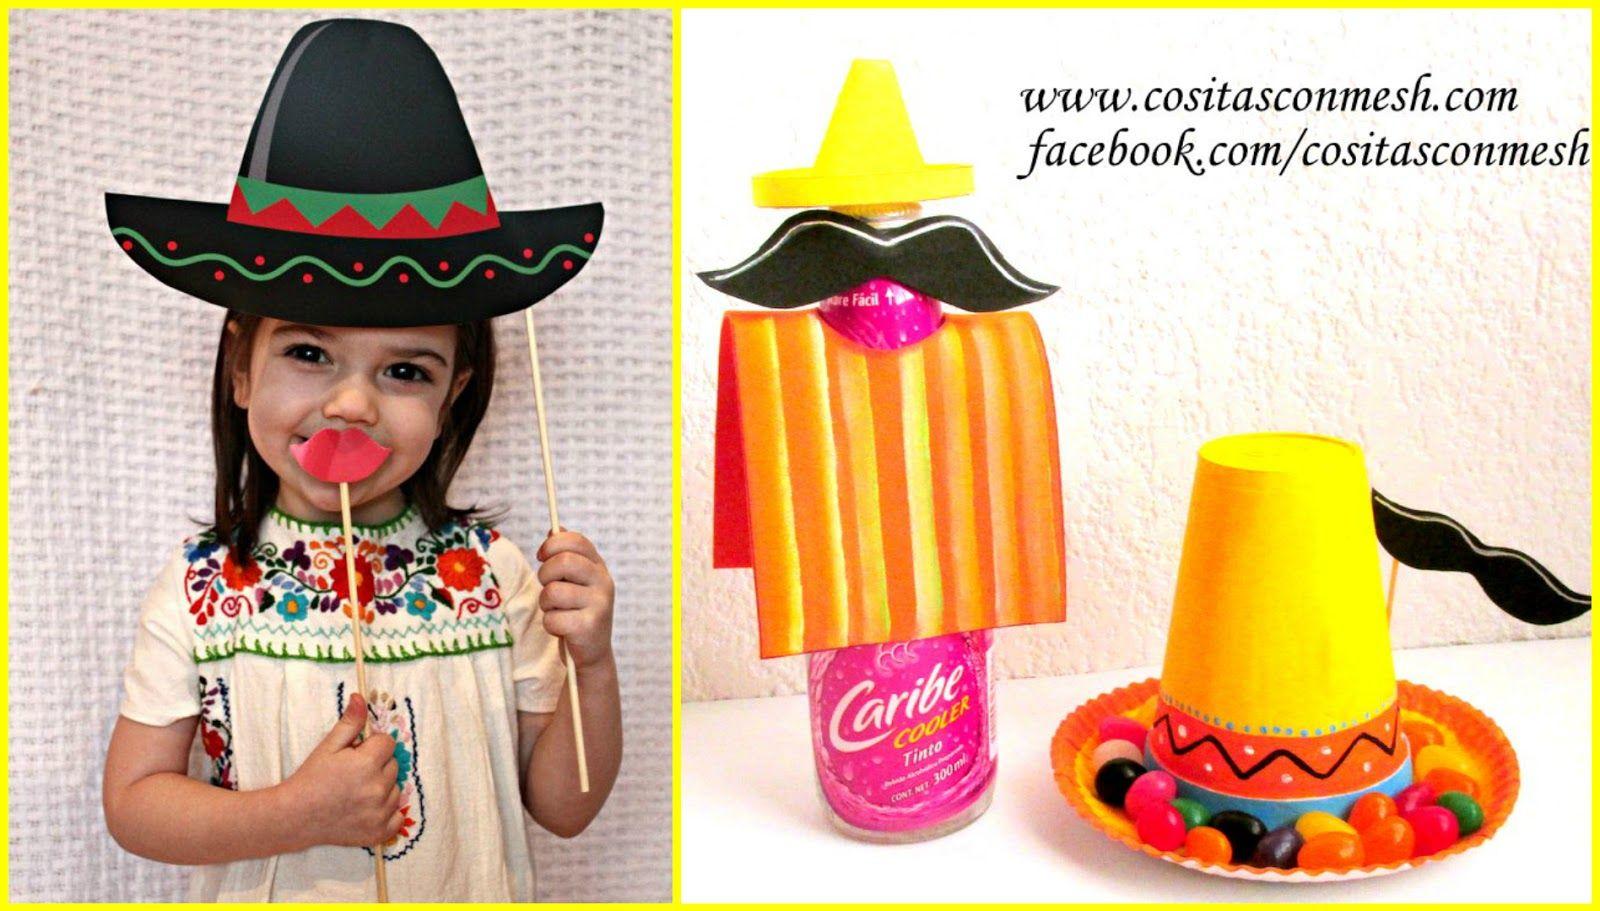 como hacer un sombrero mexicano paso a paso - Buscar con Google  d1cf1ffc8e8